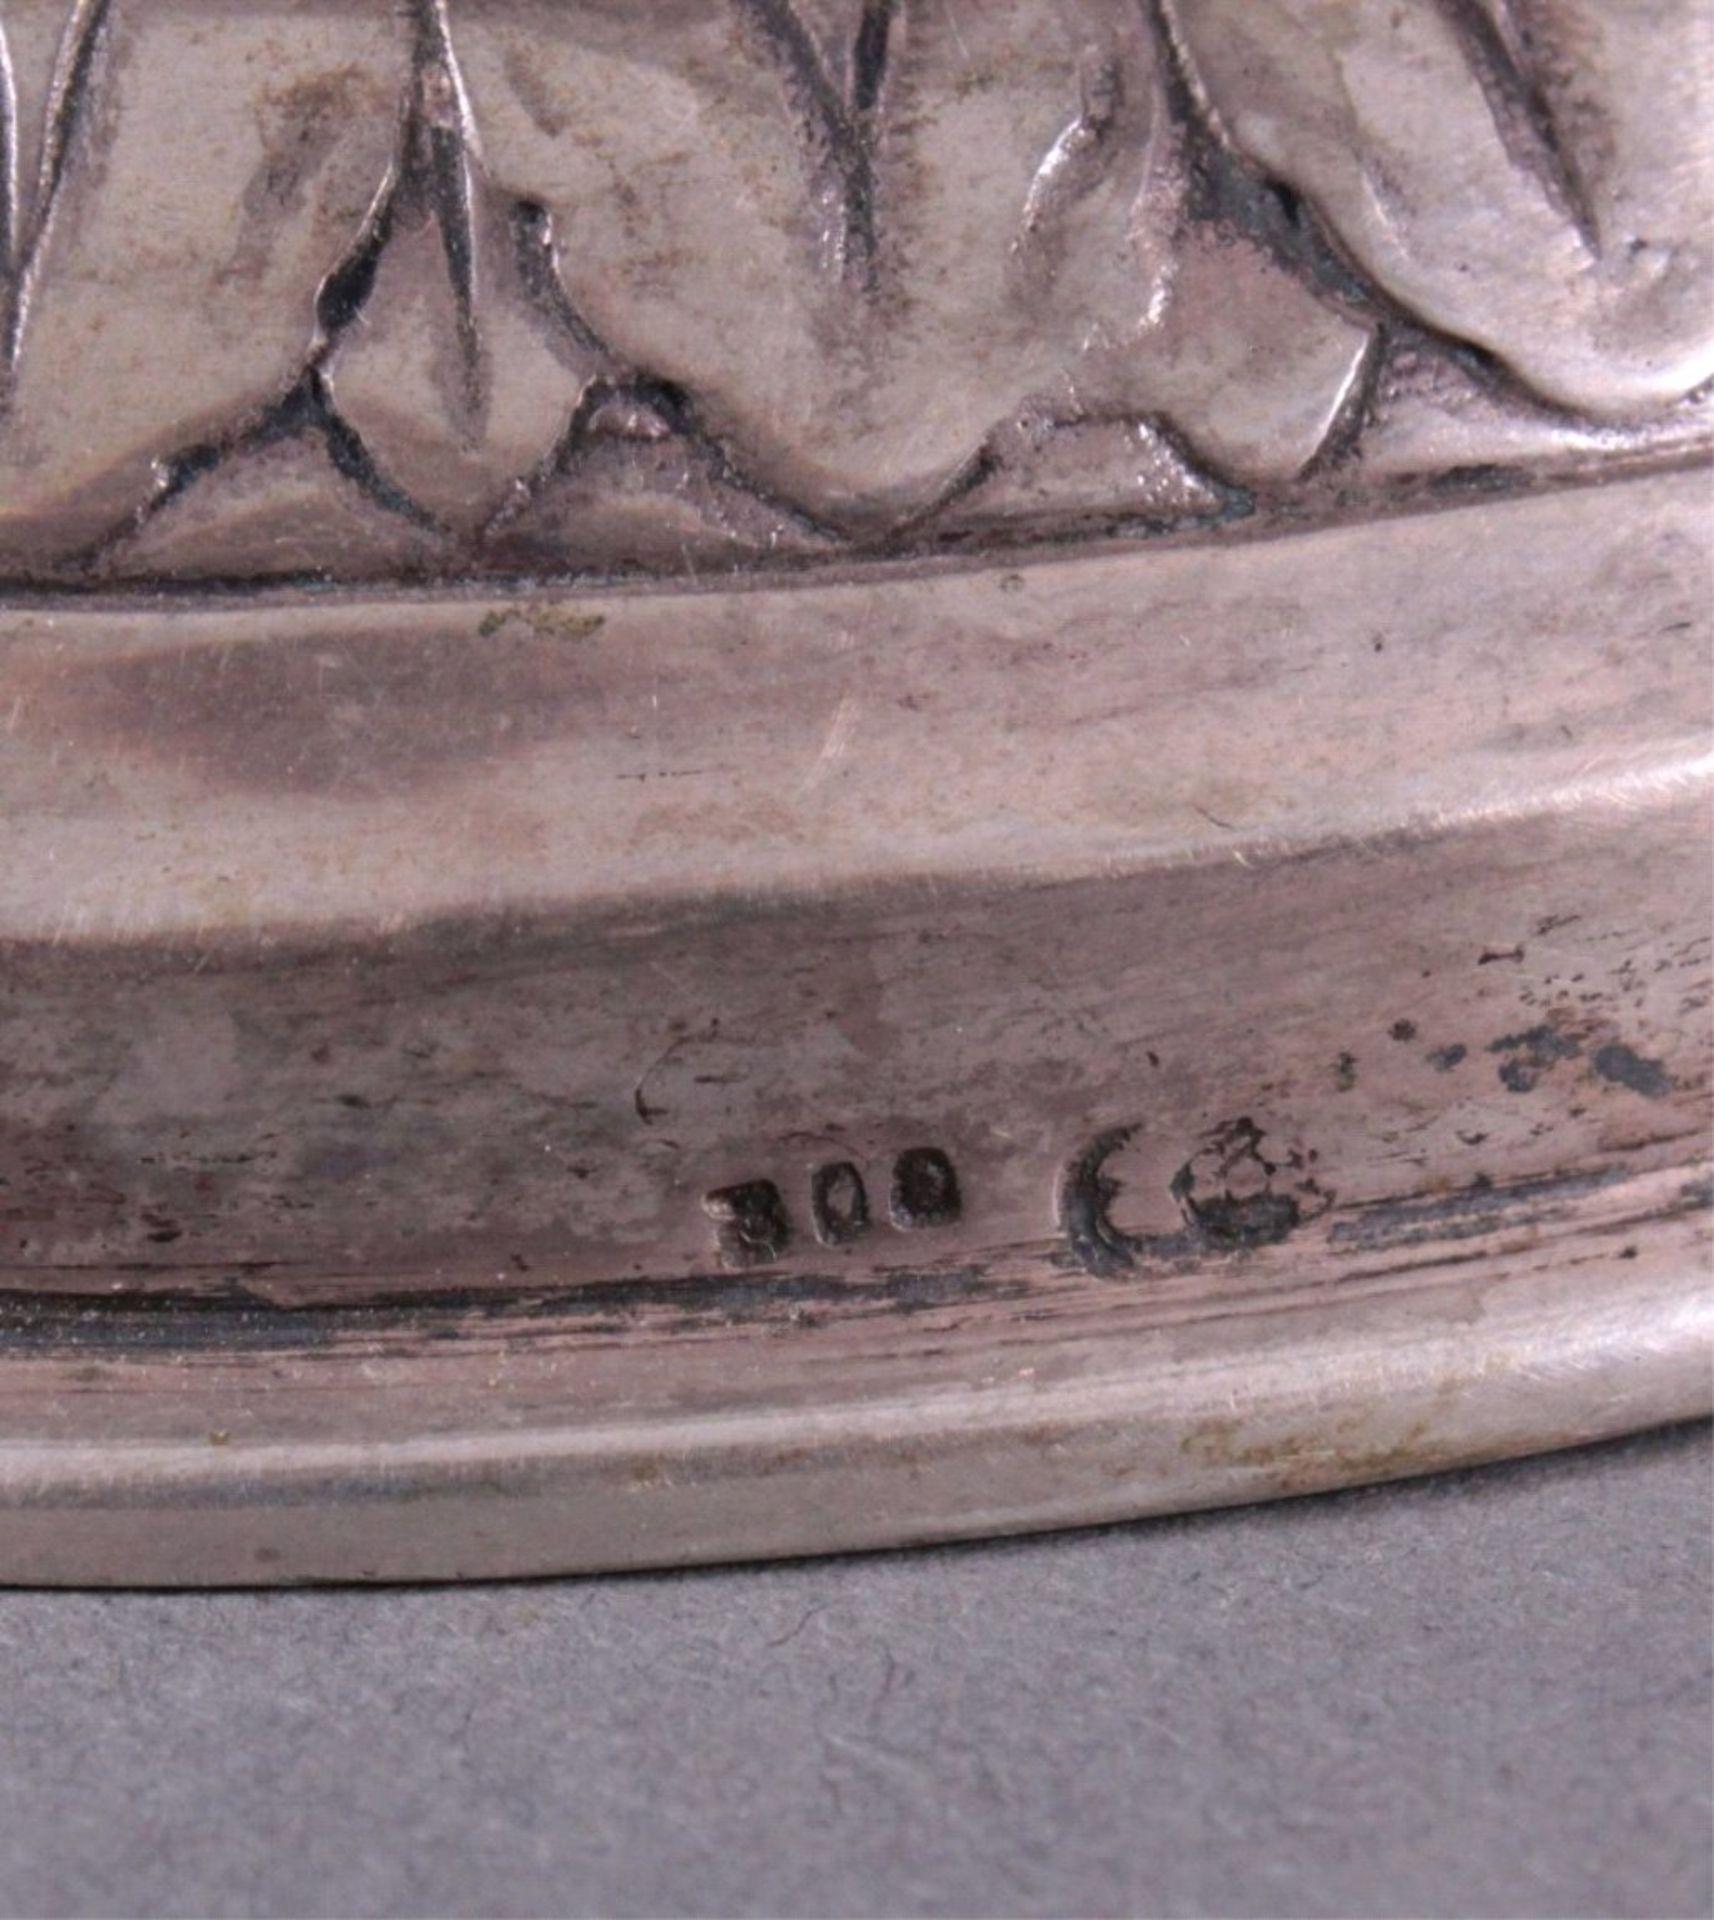 Amphorenvase, um 1900800er Silber, Sichel und Krone. Balusterförmig, Silbergetrieben, mit reichem - Bild 4 aus 4